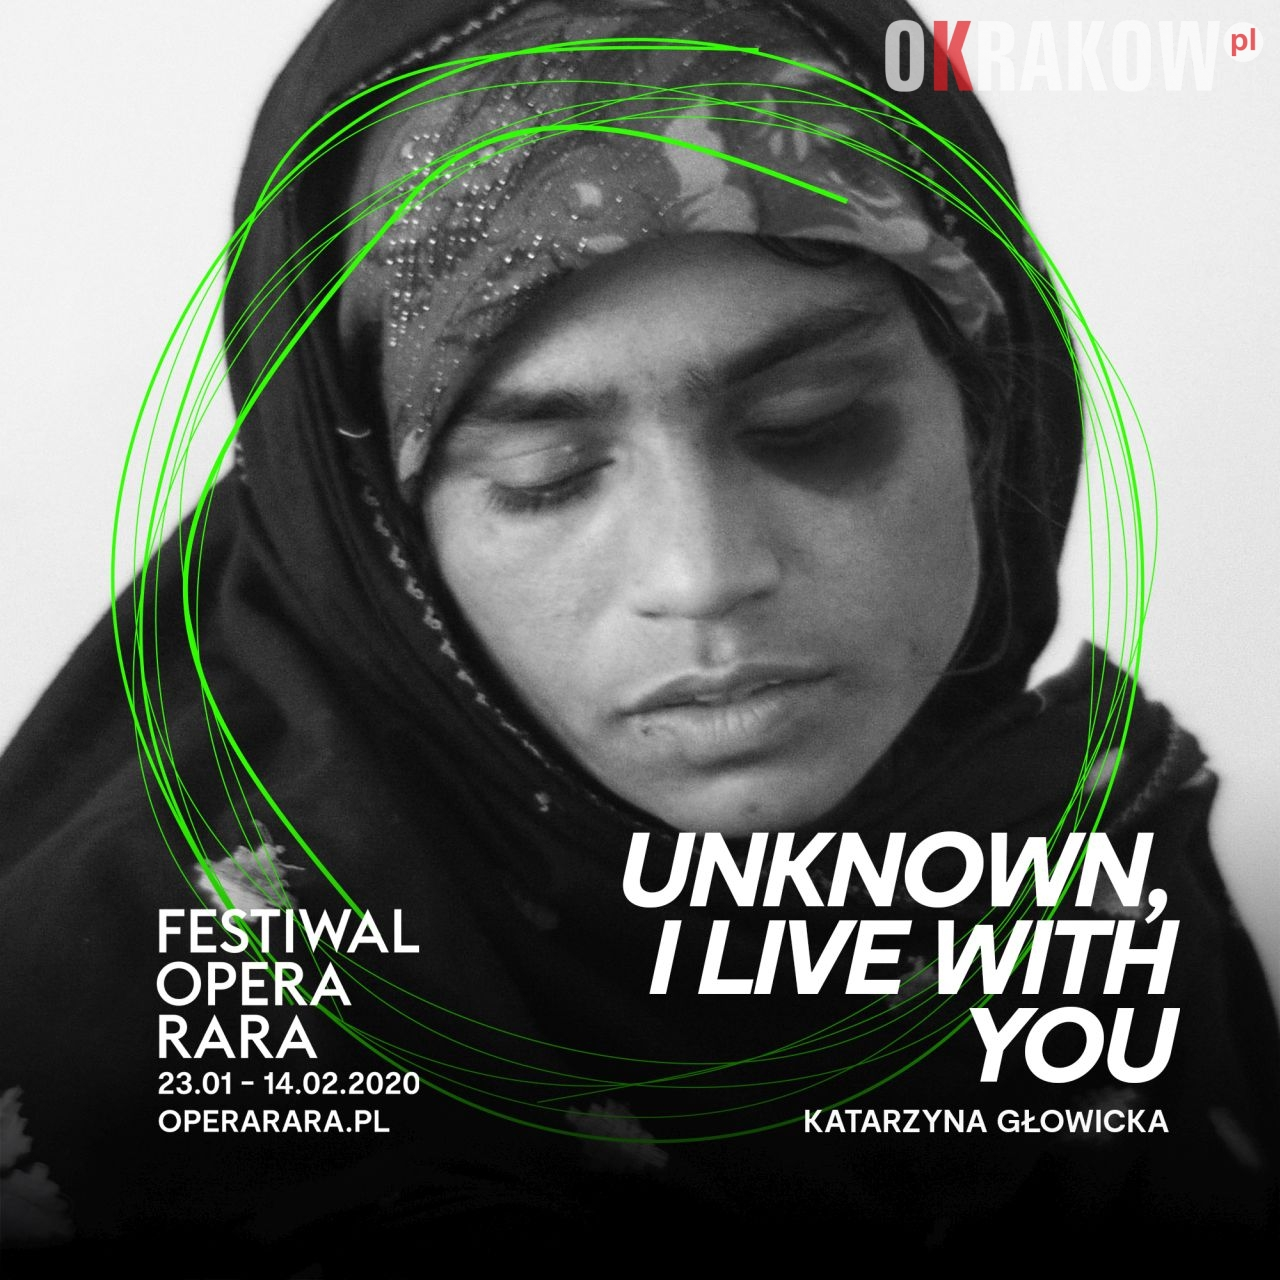 """opera rara krakow - Opera Rara 2020: """"Unknown, I Live With You"""" - opera przeciwko milczeniu"""